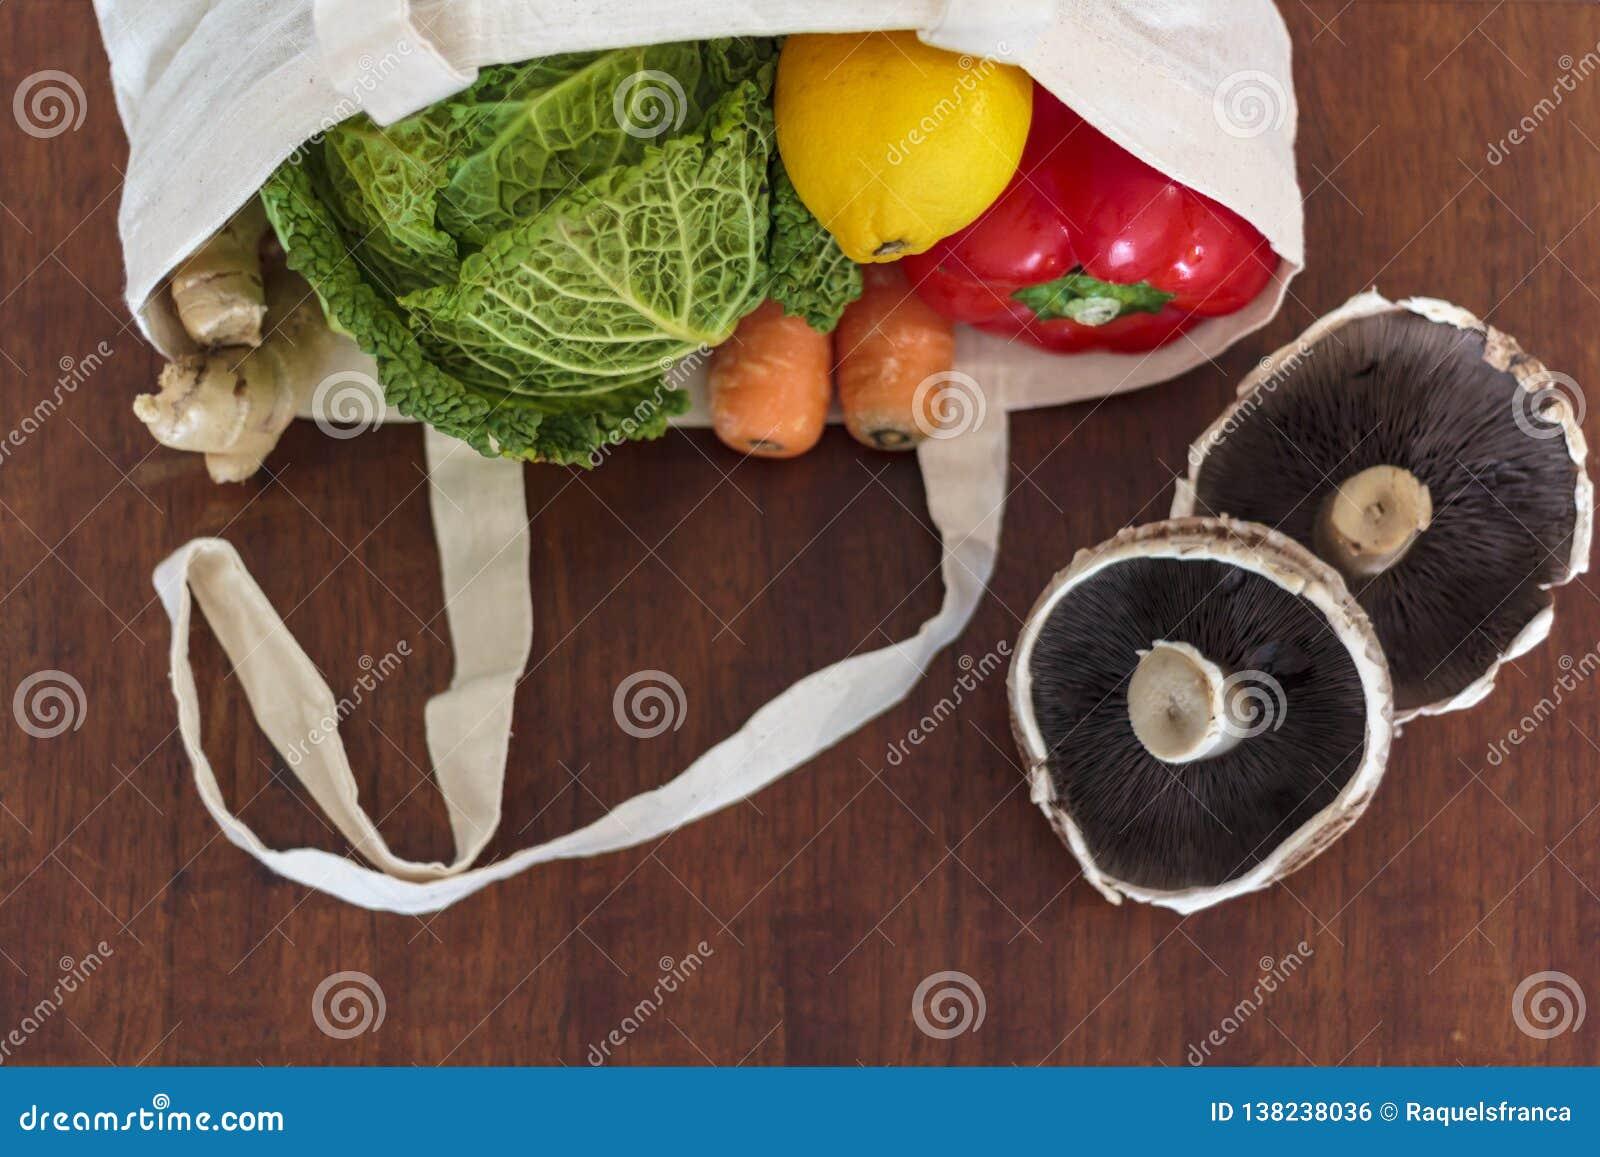 Vegetais orgânicos frescos no saco de compras reusável Desperdício zero, conceito livre plástico